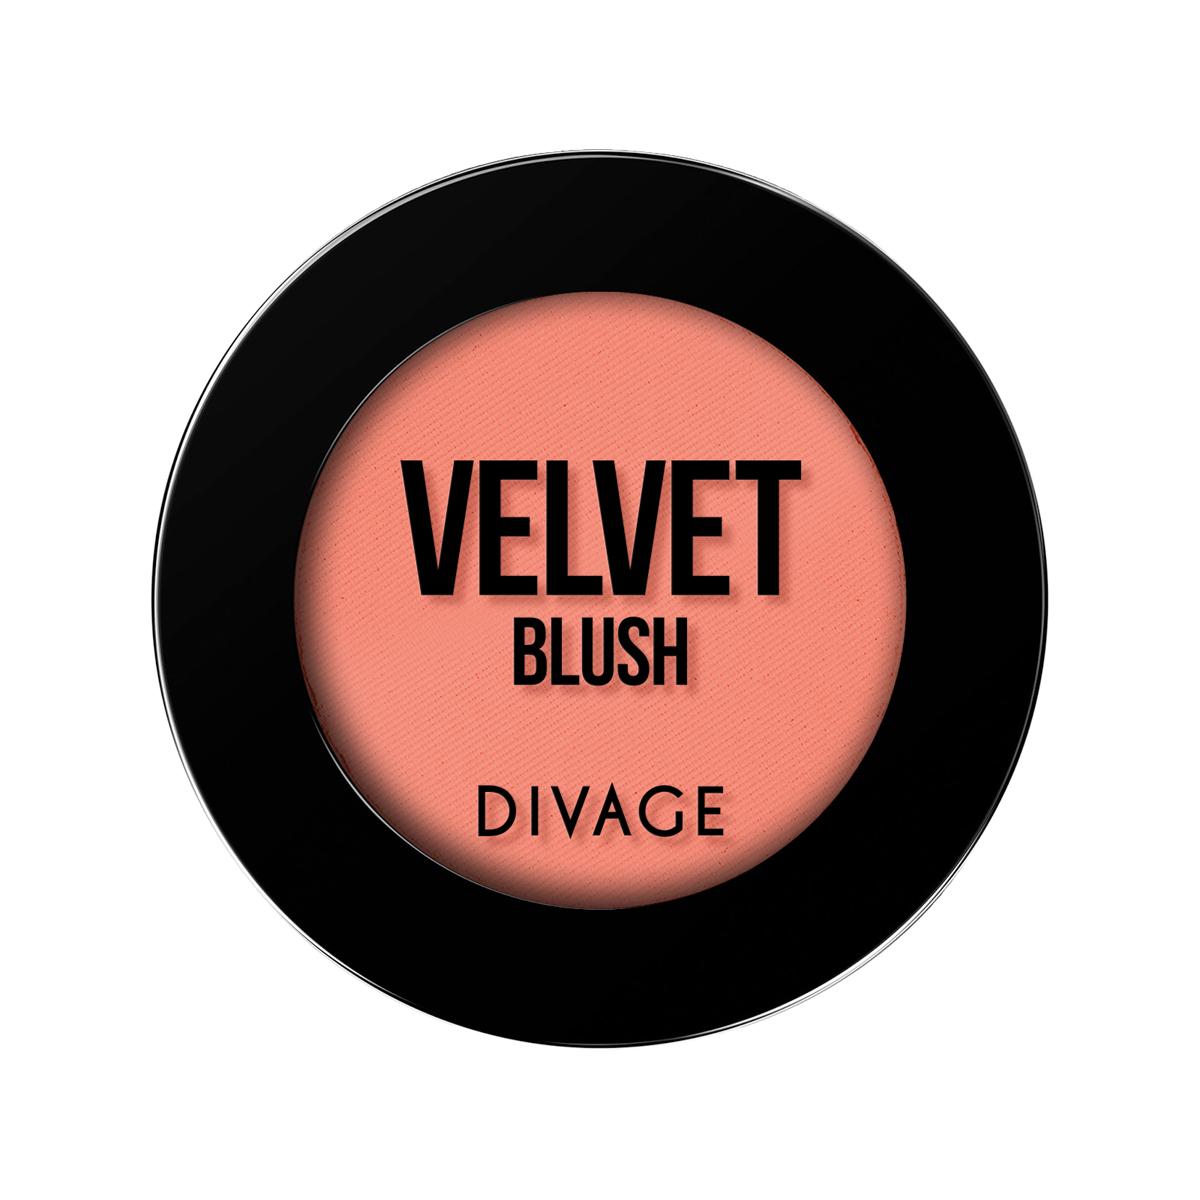 DIVAGE Румяна компактные VELVET, тон № 8703, 4 гр.215021Румяна VELVET - это естественный оттенок утренней свежести, придающий лицу сияющий и отдохнувший вид. Румяна с деликатным матовым эффектом создают максимально естественный образ. Формула с мелкодисперсной текстурой не перегружает макияж. Стойкий цветовой пигмент сохраняется в течение всего дня. Палитра из четырёх оттенков позволяет использовать этот продукт как для придания легкого румянца, так и для коррекции овала лица.